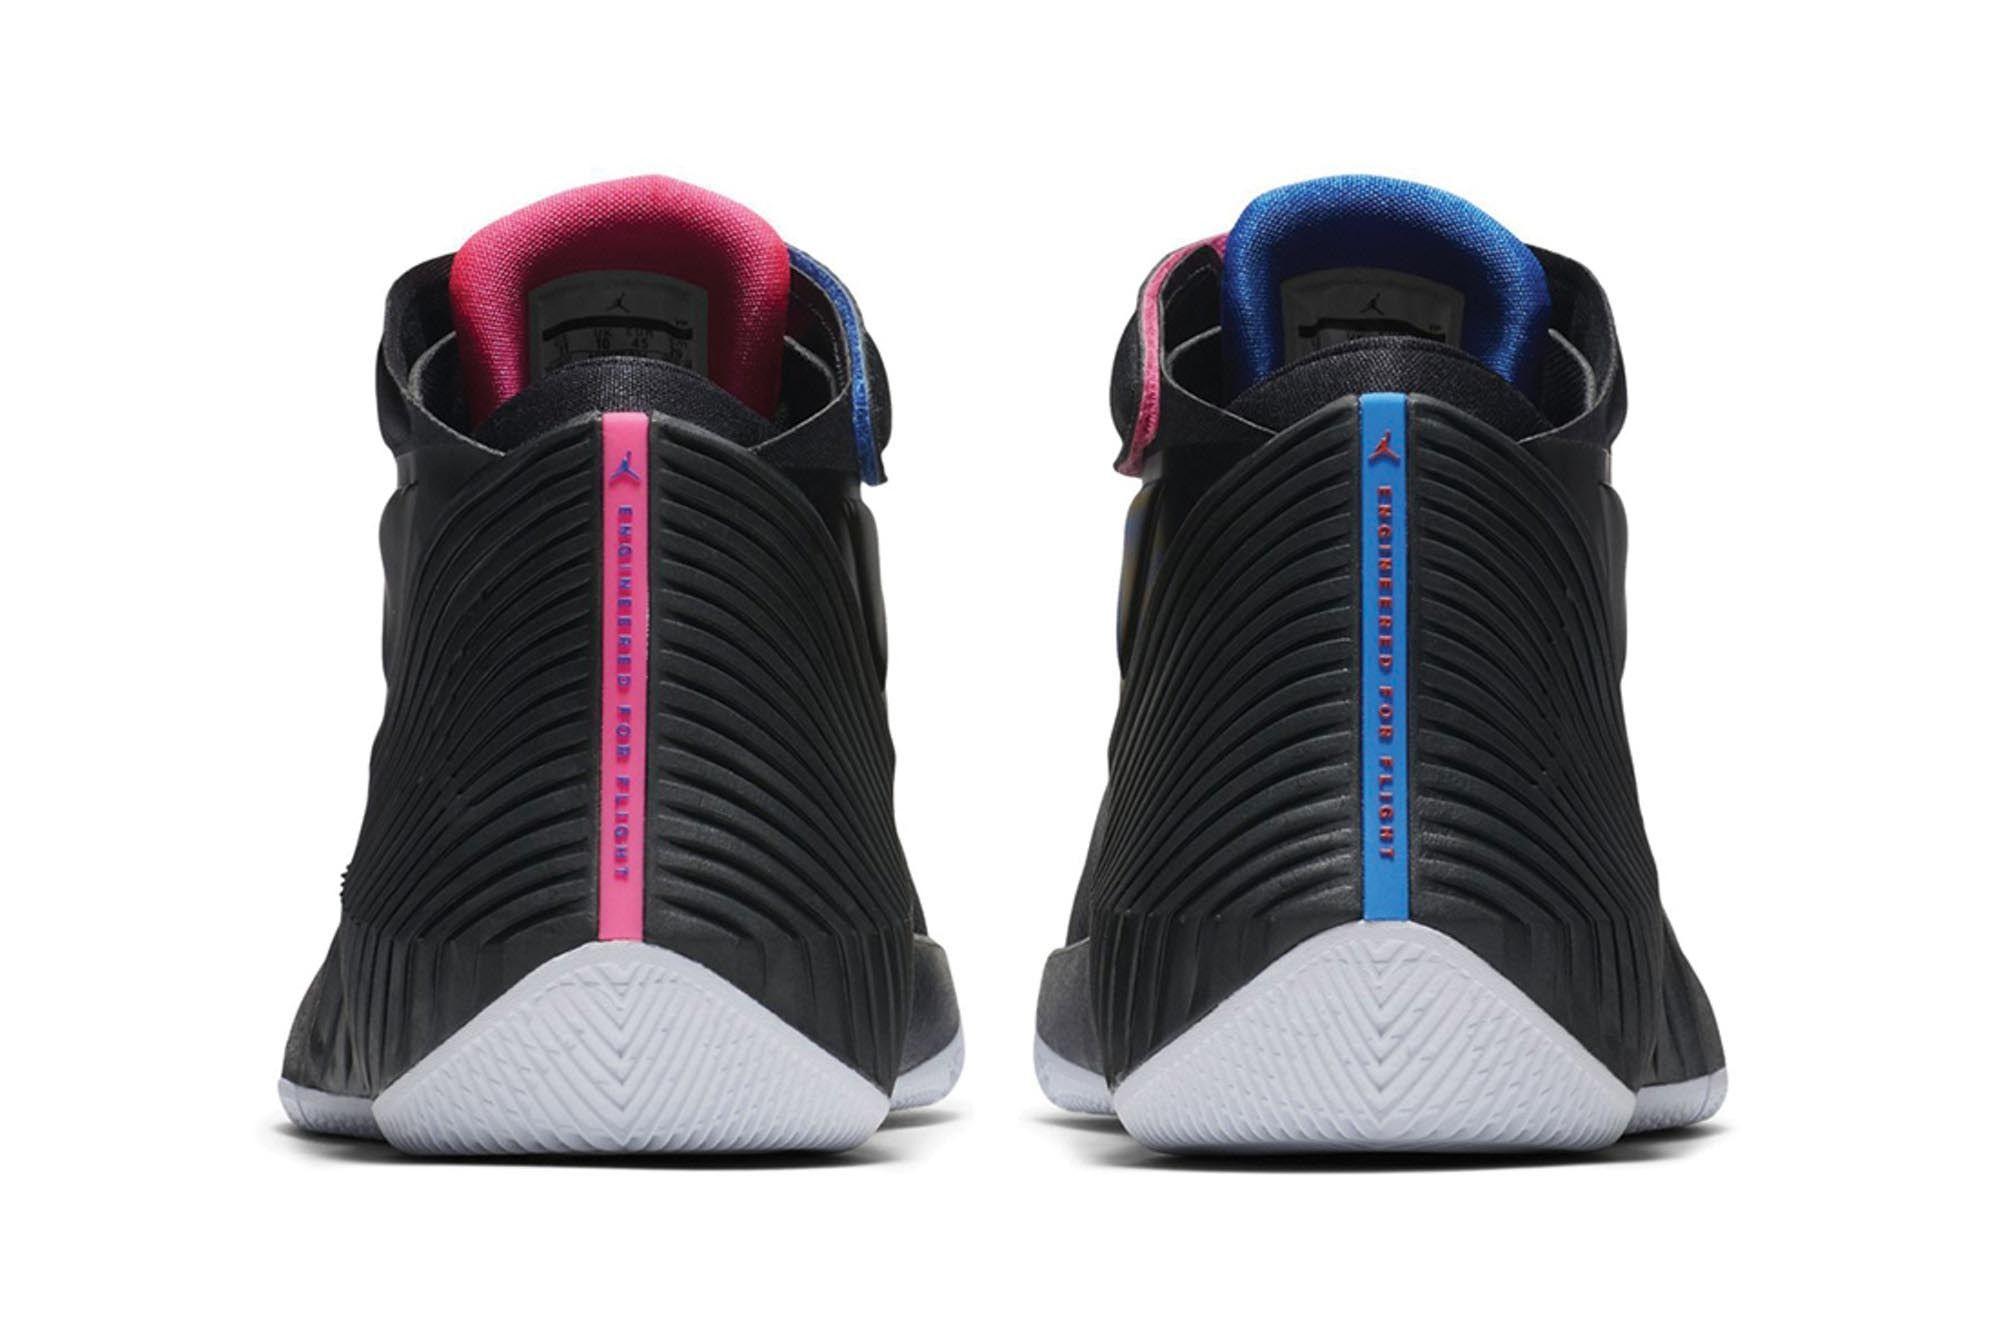 Jordan Why Not Zer01 Phd First Look 004 Sneaker Freaker